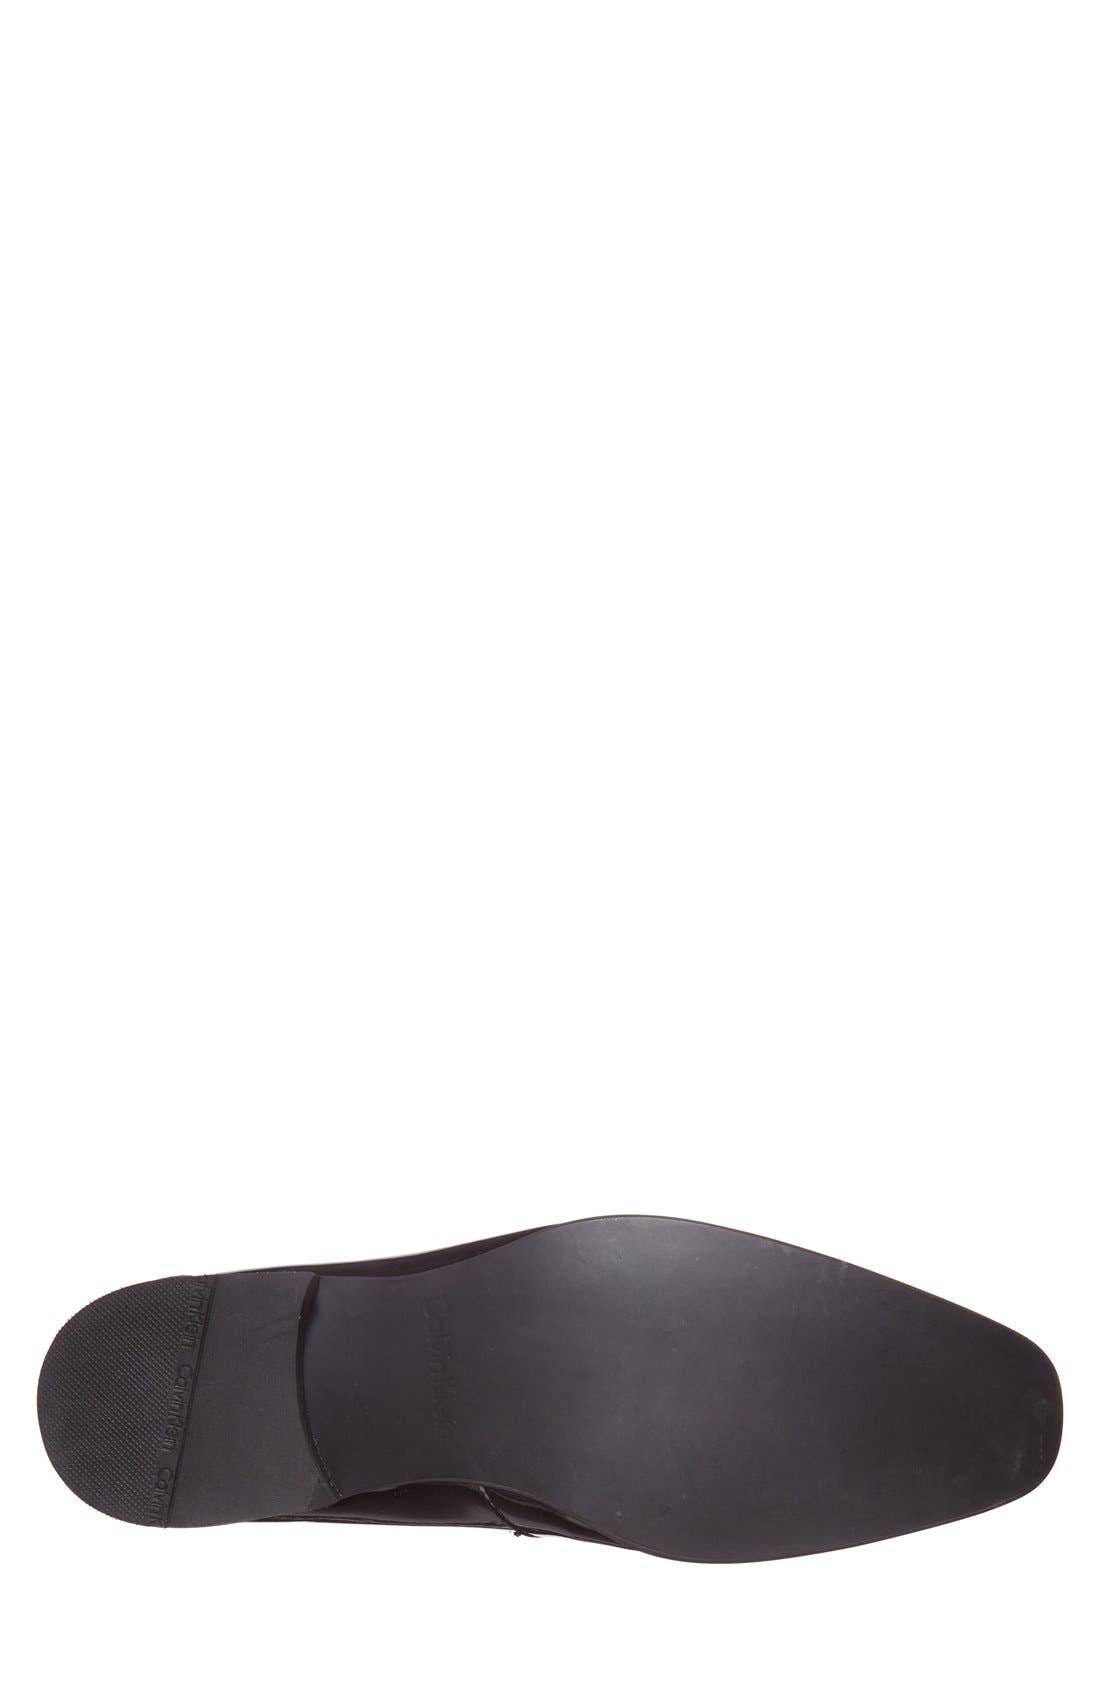 Alternate Image 4  - Calvin Klein 'Bernard' Venetian Loafer (Men)